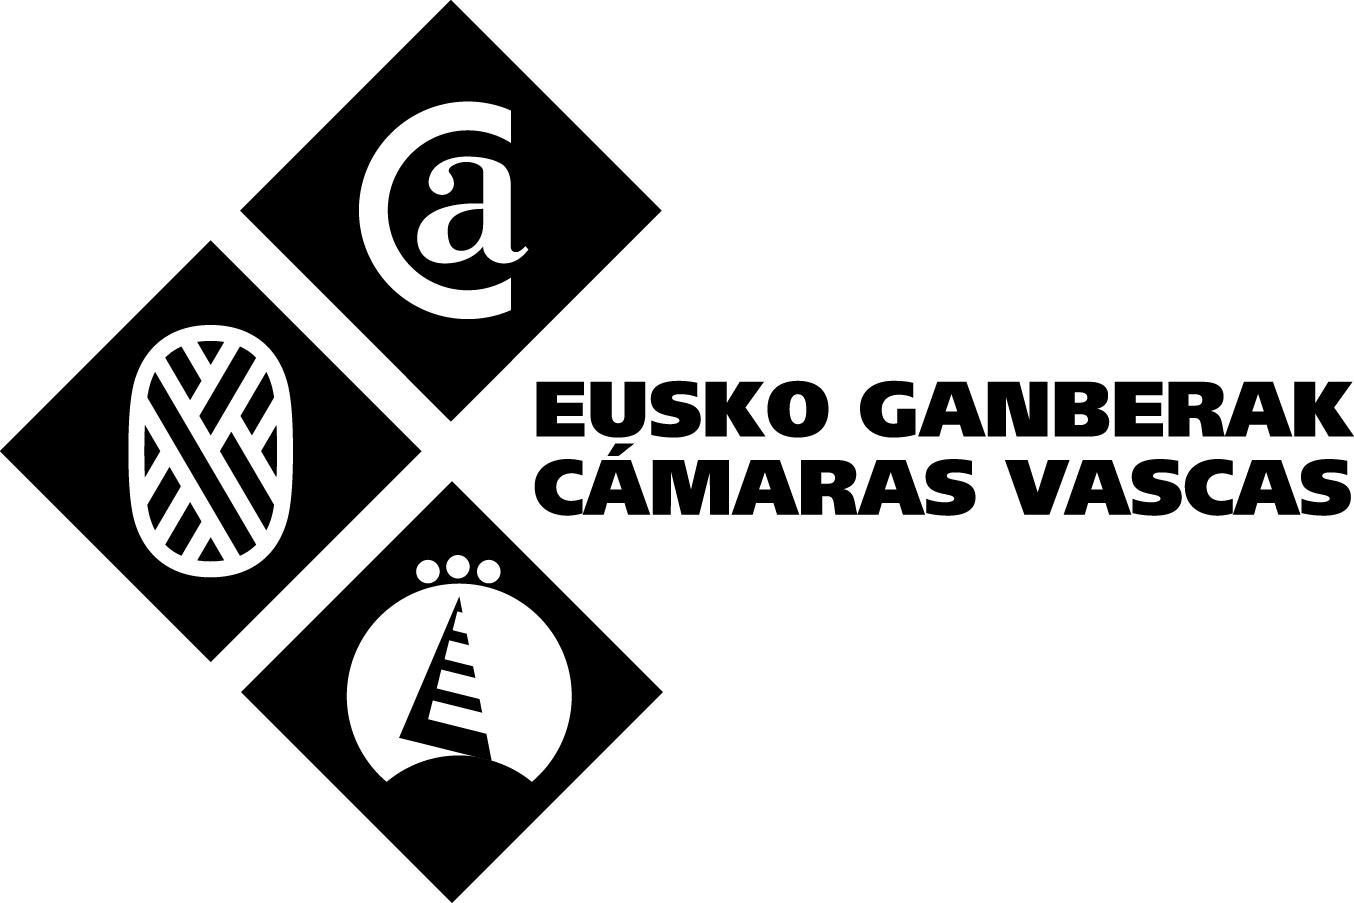 EUSKO GANBERAK